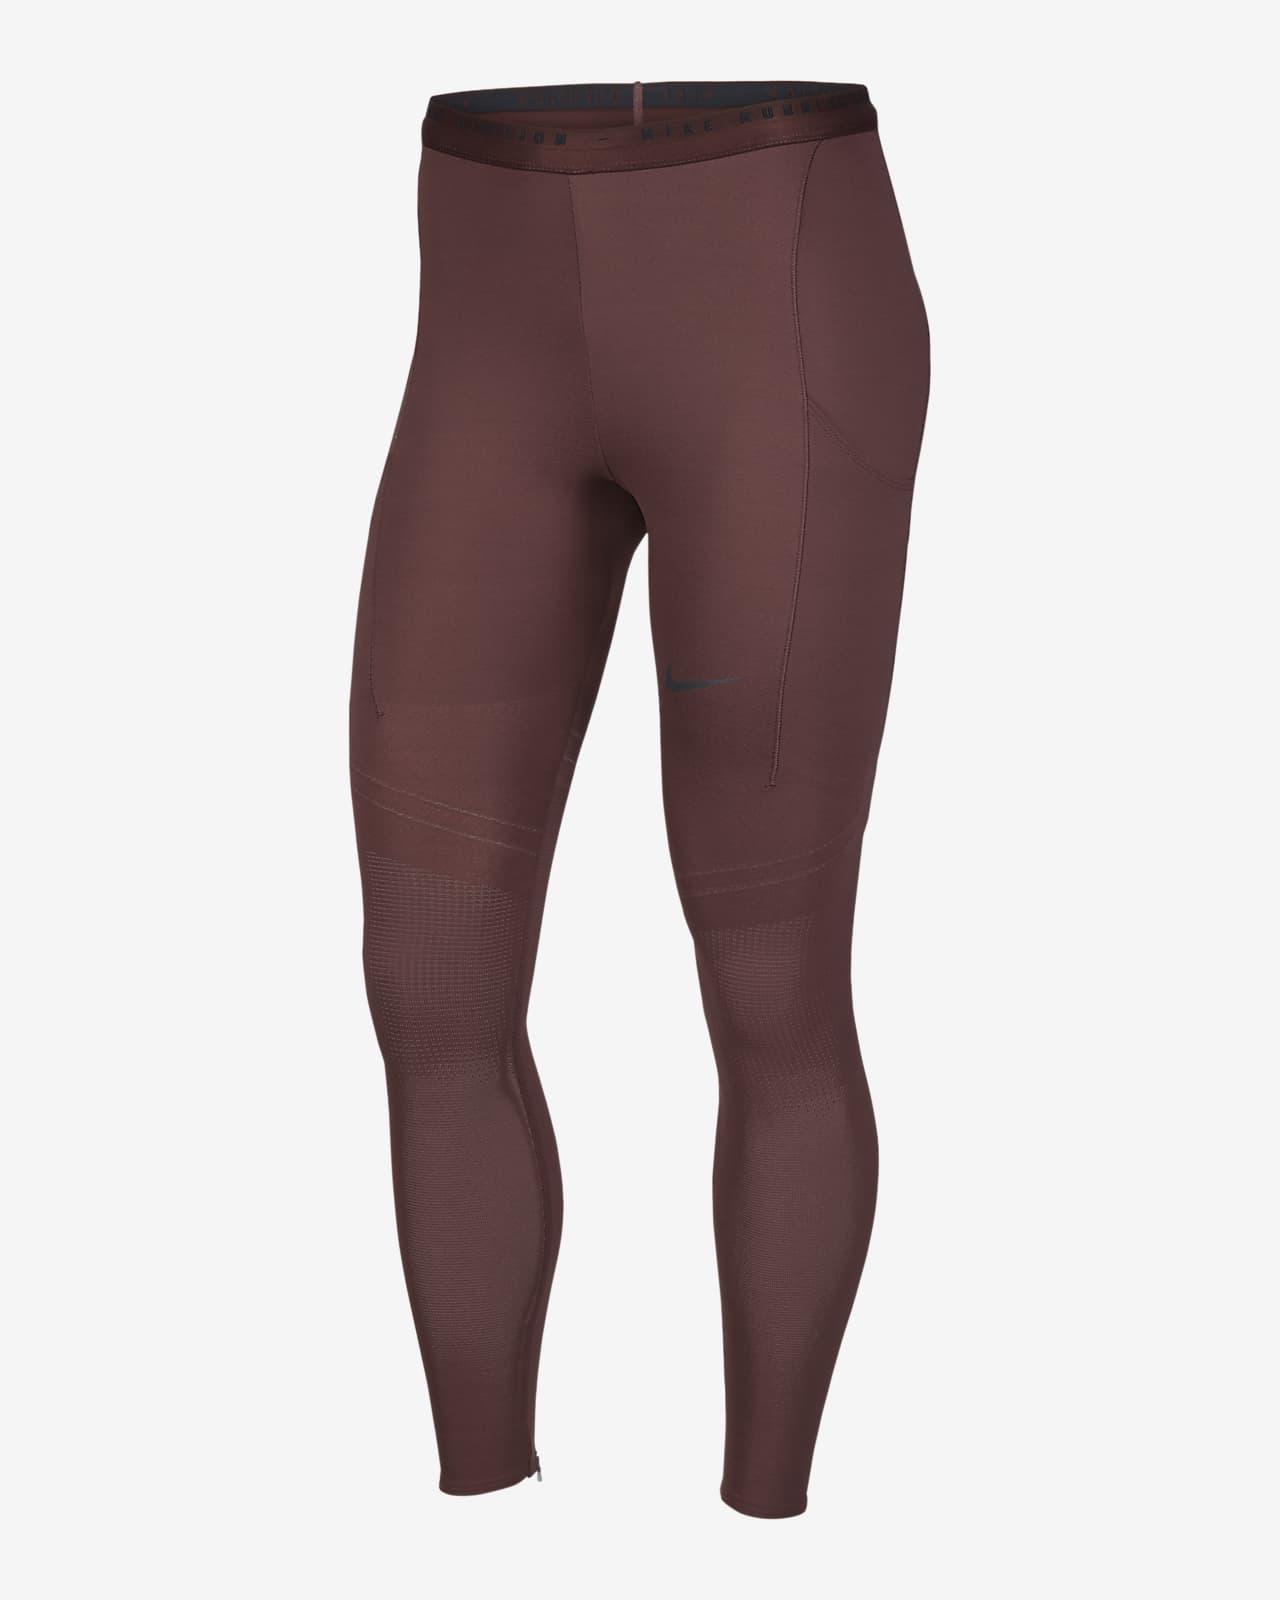 เลกกิ้งวิ่งเอวปานกลางผู้หญิงออกแบบเชิงโครงสร้าง Nike Dri-FIT ADV Run Division Epic Luxe